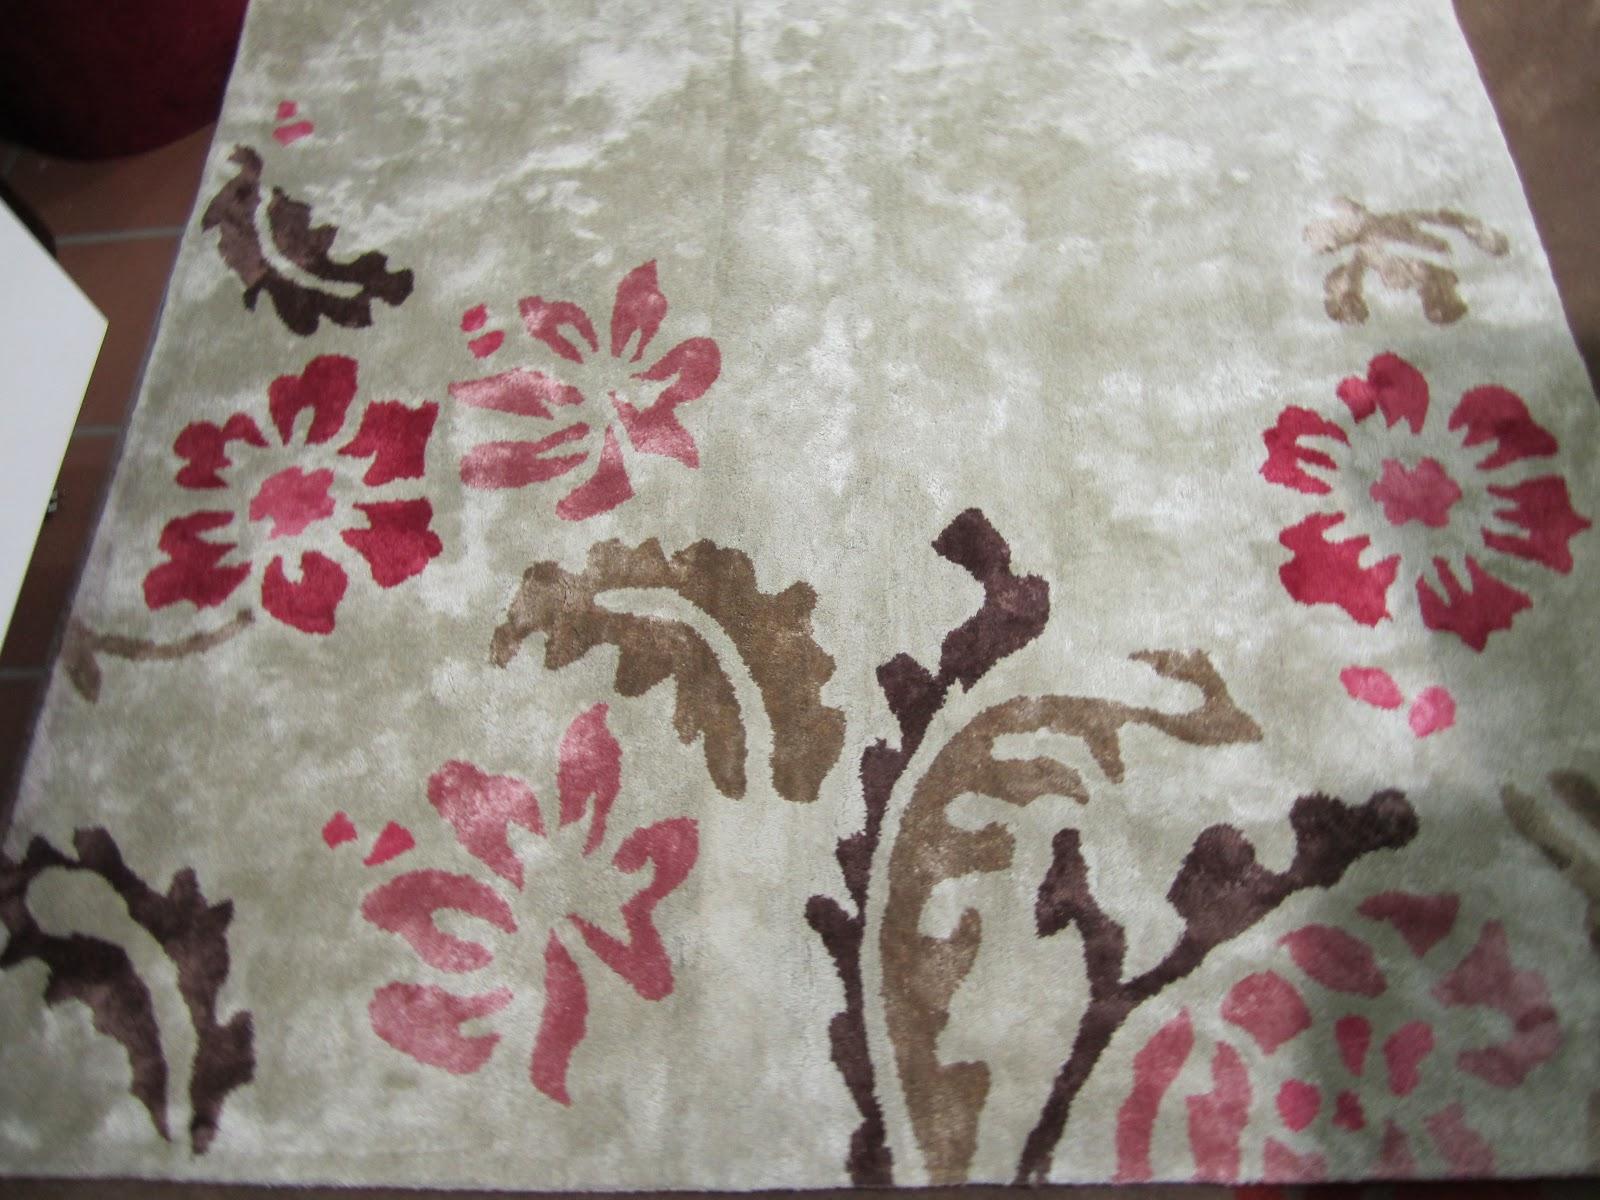 Catre decoraci n m s alfombras originales de catre - Alfombras originales ...